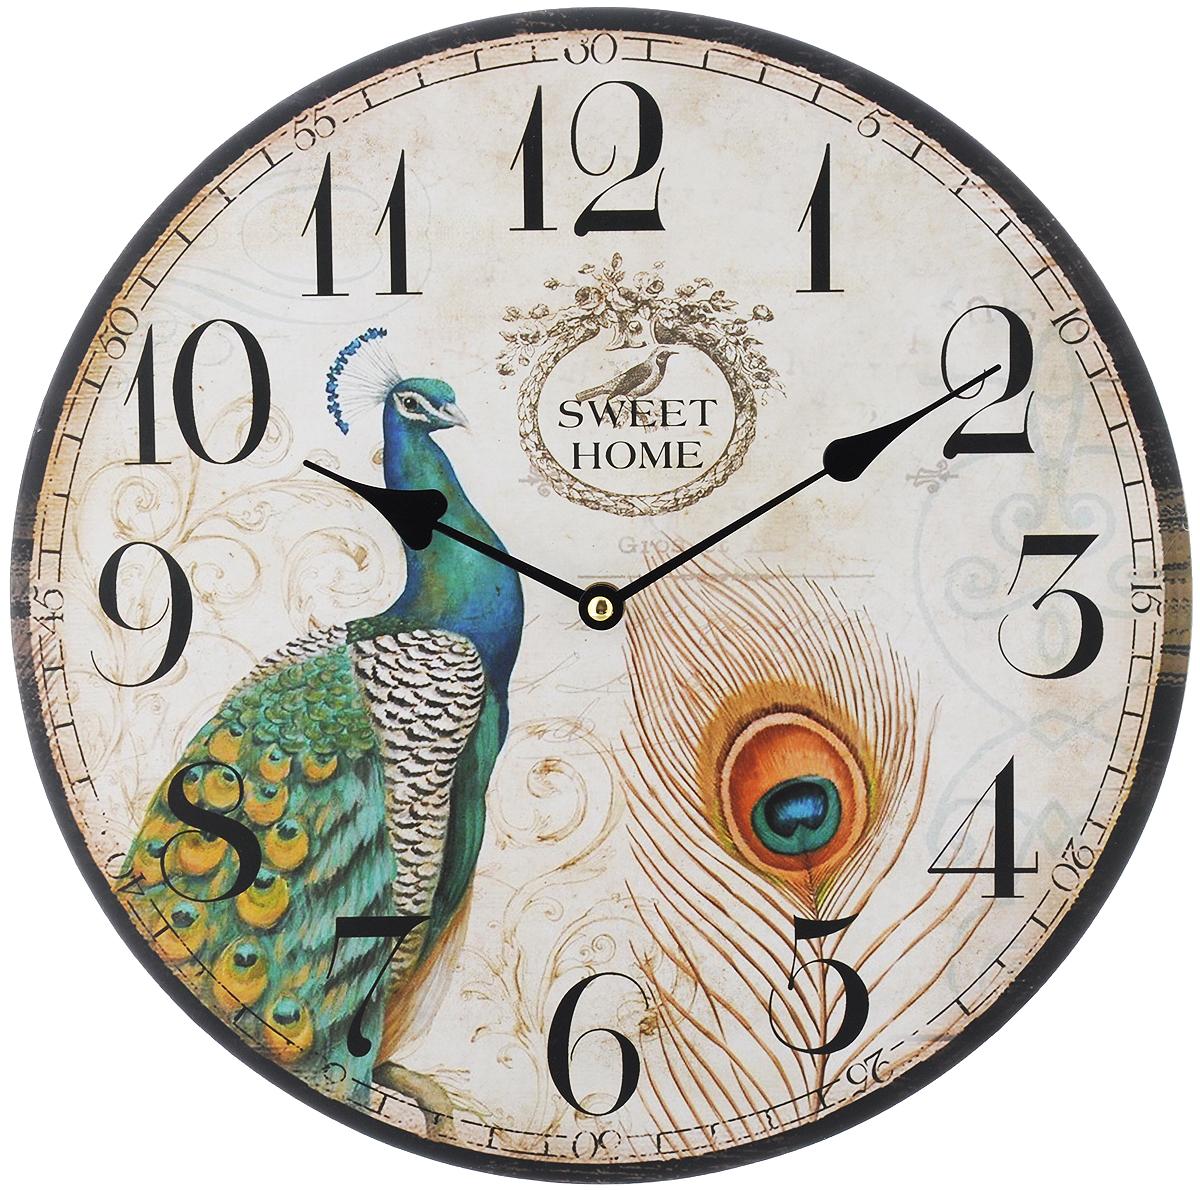 Часы настенные Феникс-Презент Павлин, диаметр 34 см40710Настенные часы круглой формы Феникс-Презент Павлин своим эксклюзивным дизайном подчеркнут оригинальность интерьера вашего дома. Циферблат оформлен изображением изящного павлина. Часы выполнены из МДФ. МДФ (мелкодисперсные фракции) представляет собой плиту из запрессованной вакуумным способом деревянной пыли и является наиболее экологически чистым материалом среди себе подобных. Часы имеют две стрелки - часовую и минутную. Настенные часы Феникс-Презент Павлин подходят для кухни, гостиной, прихожей или дачи, а также могут стать отличным подарком для друзей и близких. ВНИМАНИЕ!!! Часы работают от сменной батареи типа АА 1,5V (в комплект не входит).